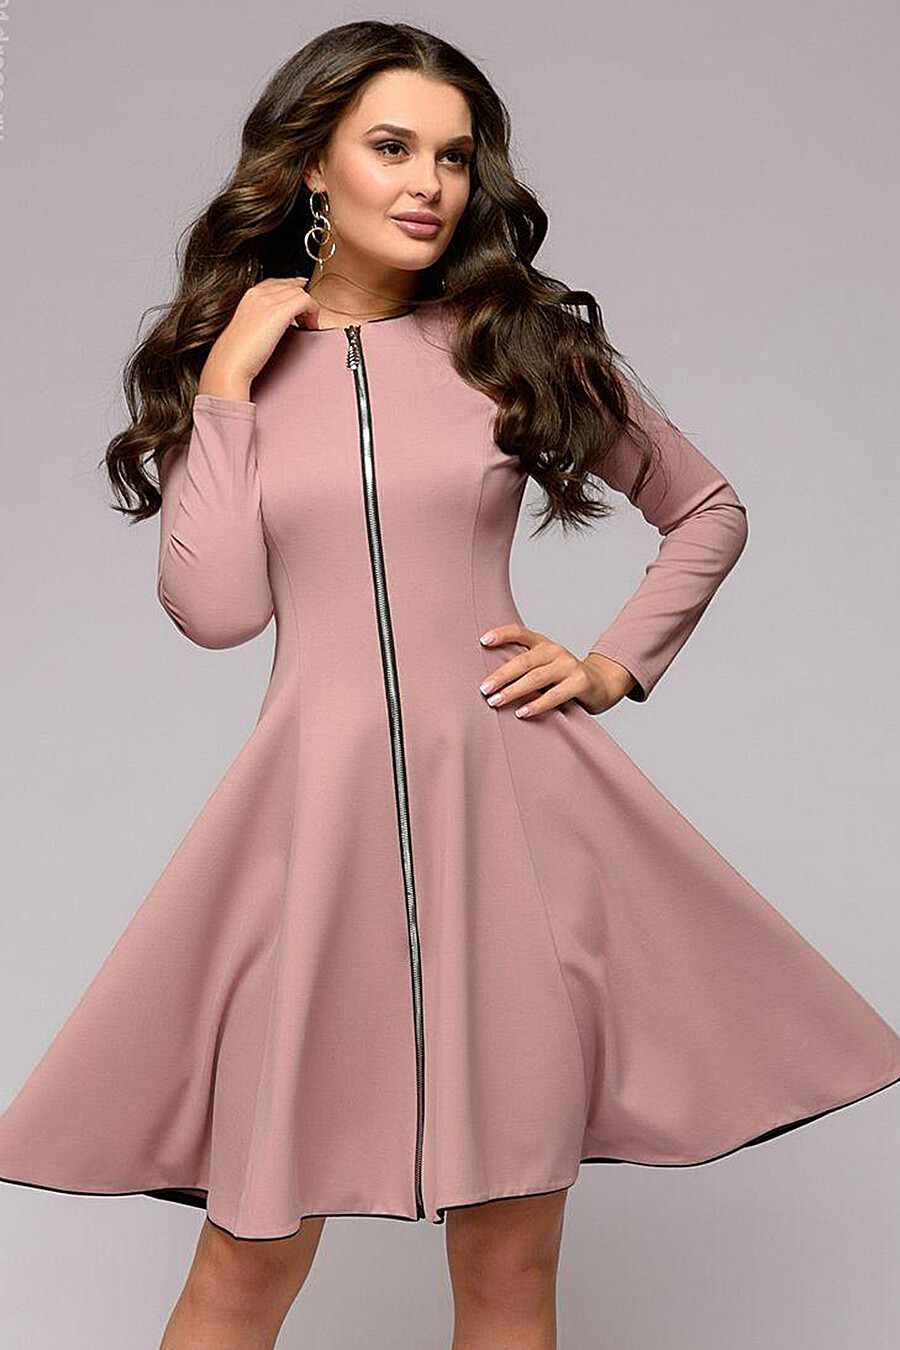 Платье для женщин 1001 DRESS 130974 купить оптом от производителя. Совместная покупка женской одежды в OptMoyo